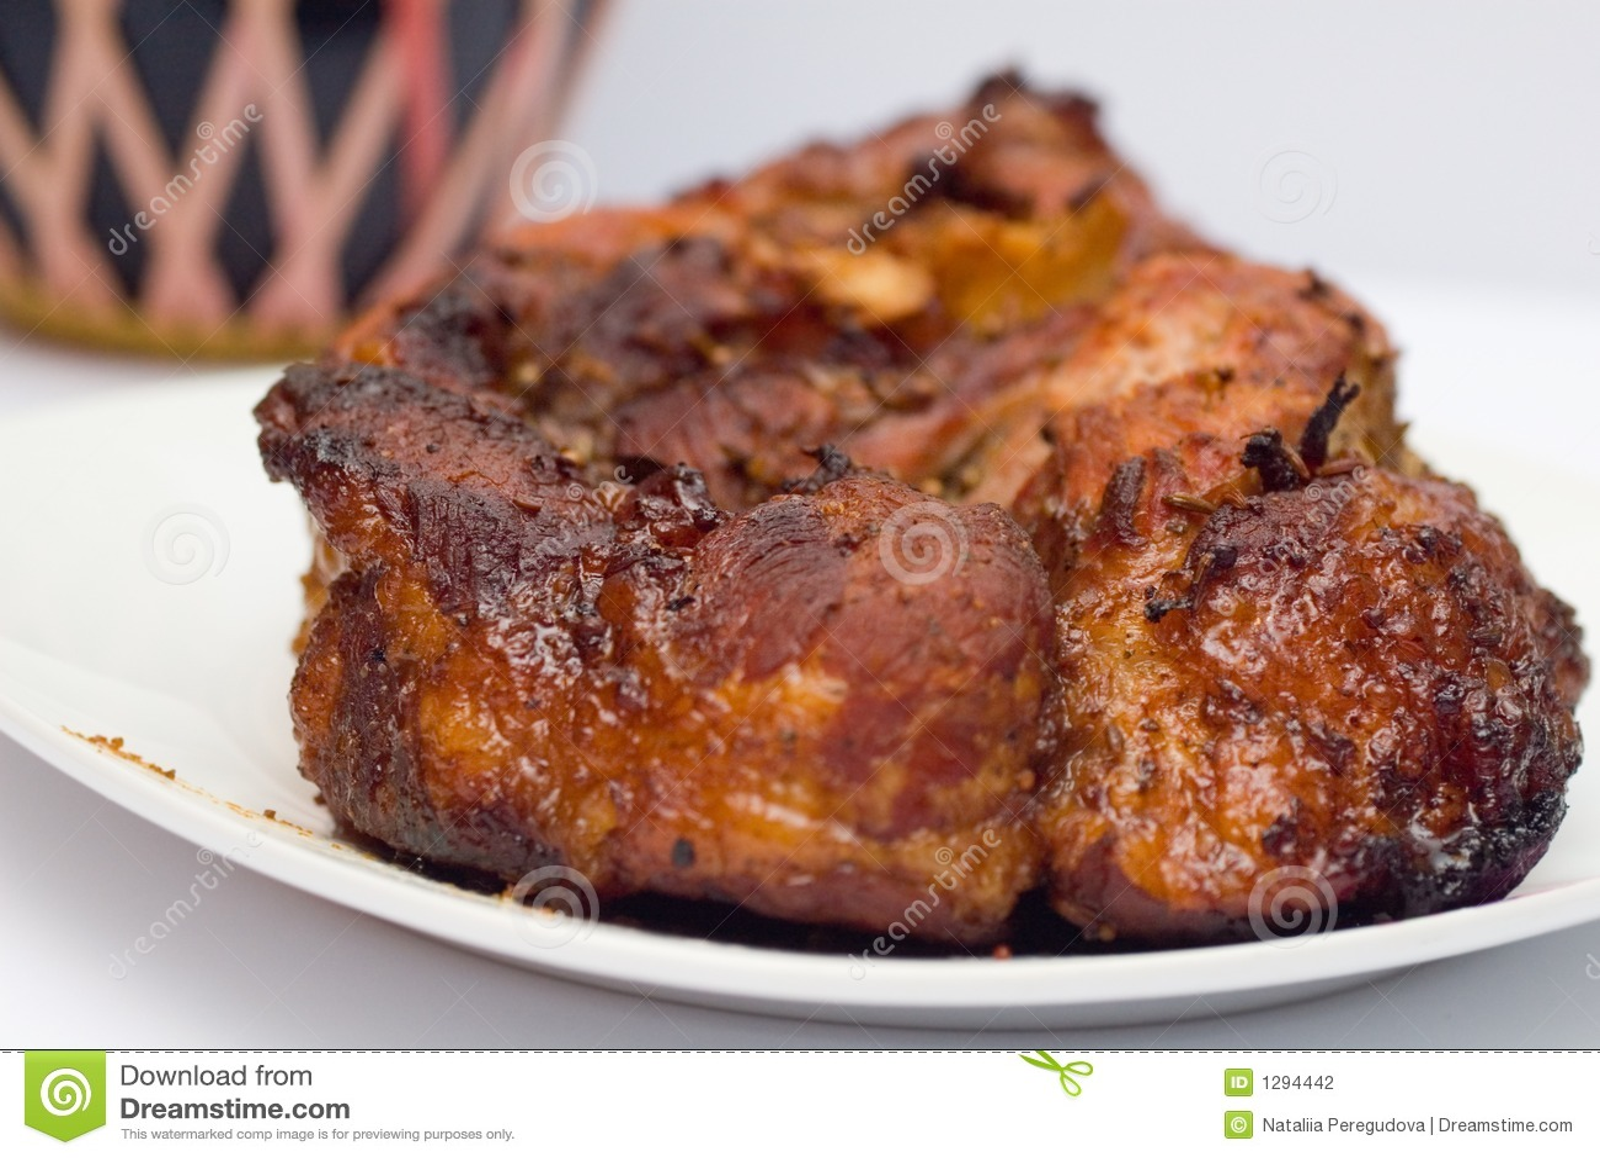 La carne el pájaro la grasa de la caloría